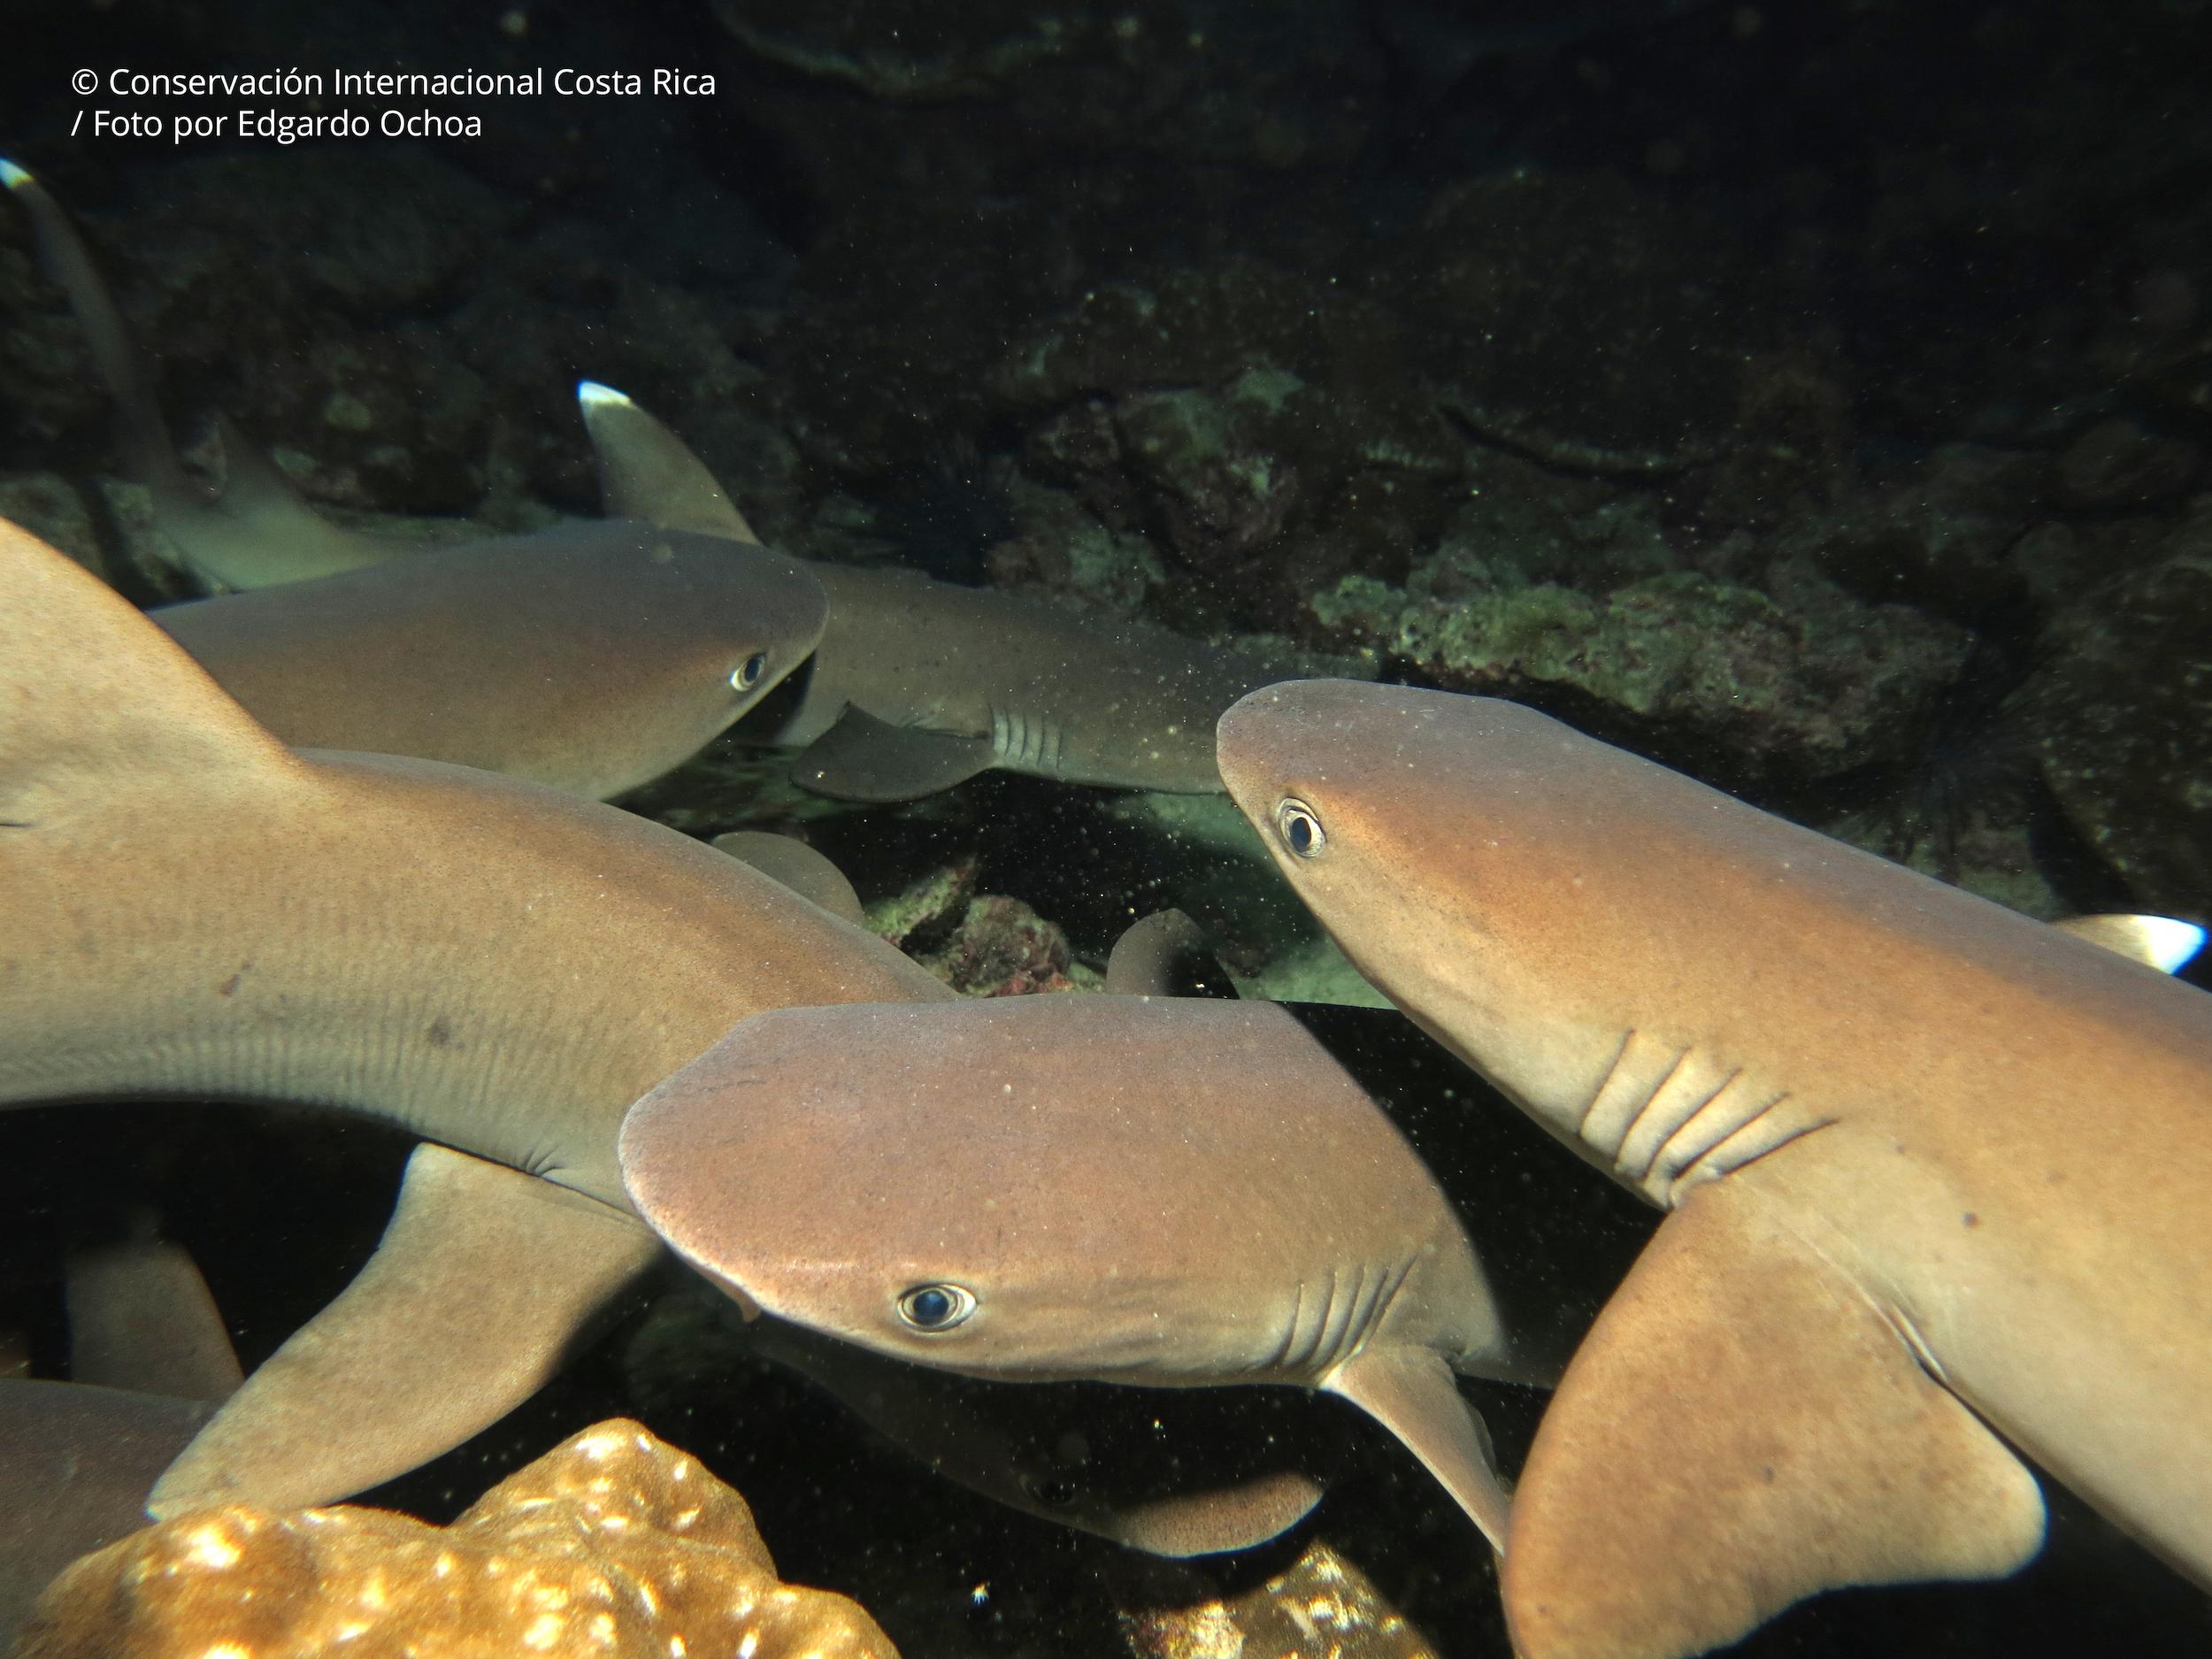 Costa Rica busca pasar del 2,7 % de zonas marinas protegidas a 30 %. Foto: ©Edgardo Ochoa - Conservación Internacional Costa Rica.